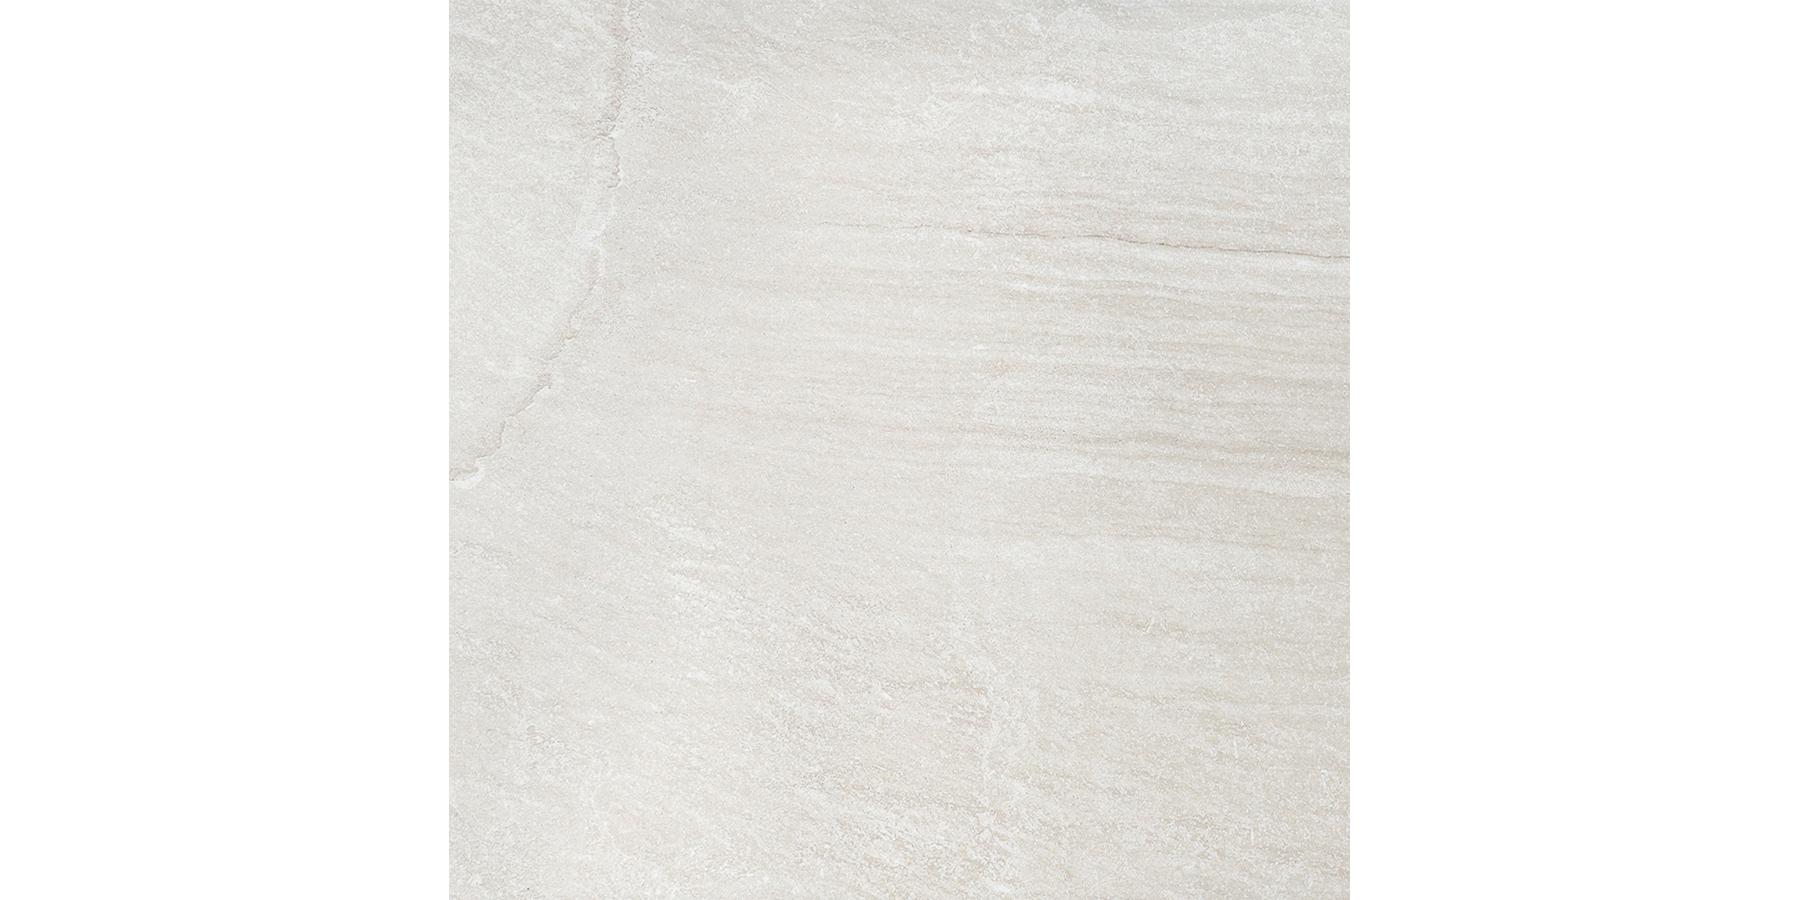 12x12 Levian Snow Porcelain Tile